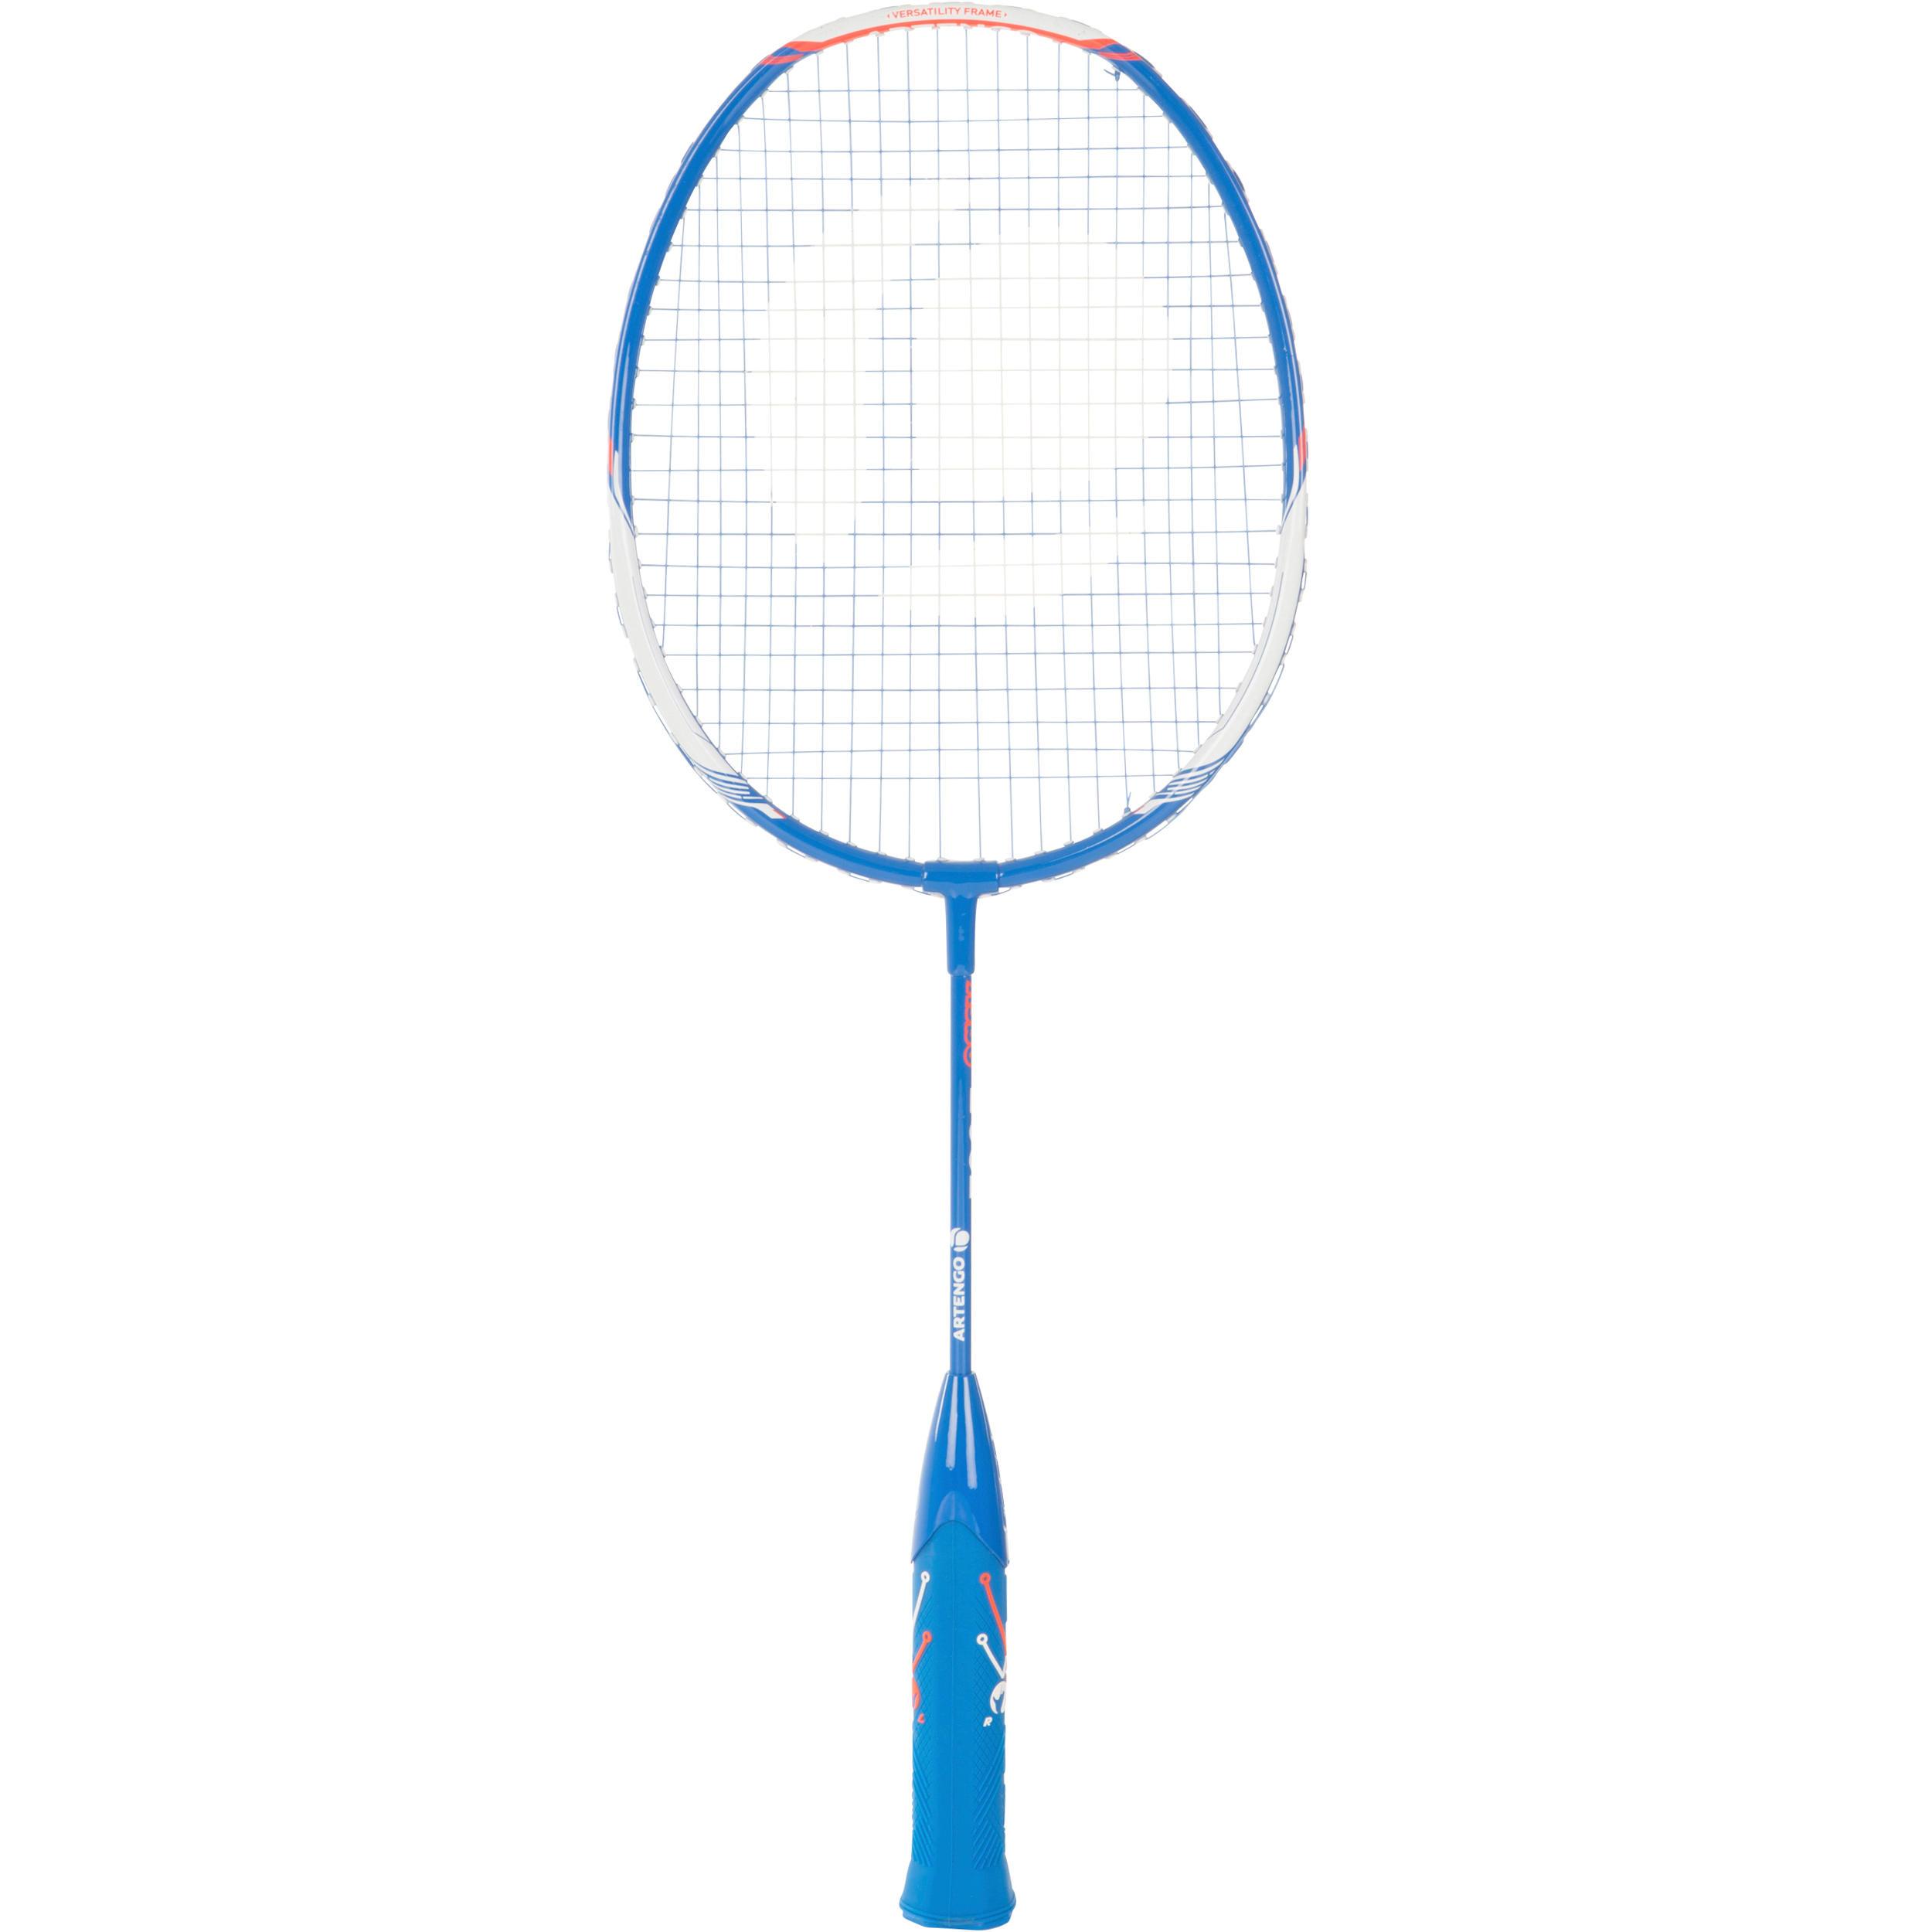 Artengo BR 700 JR Easy Grip badmintonracket voor kinderen